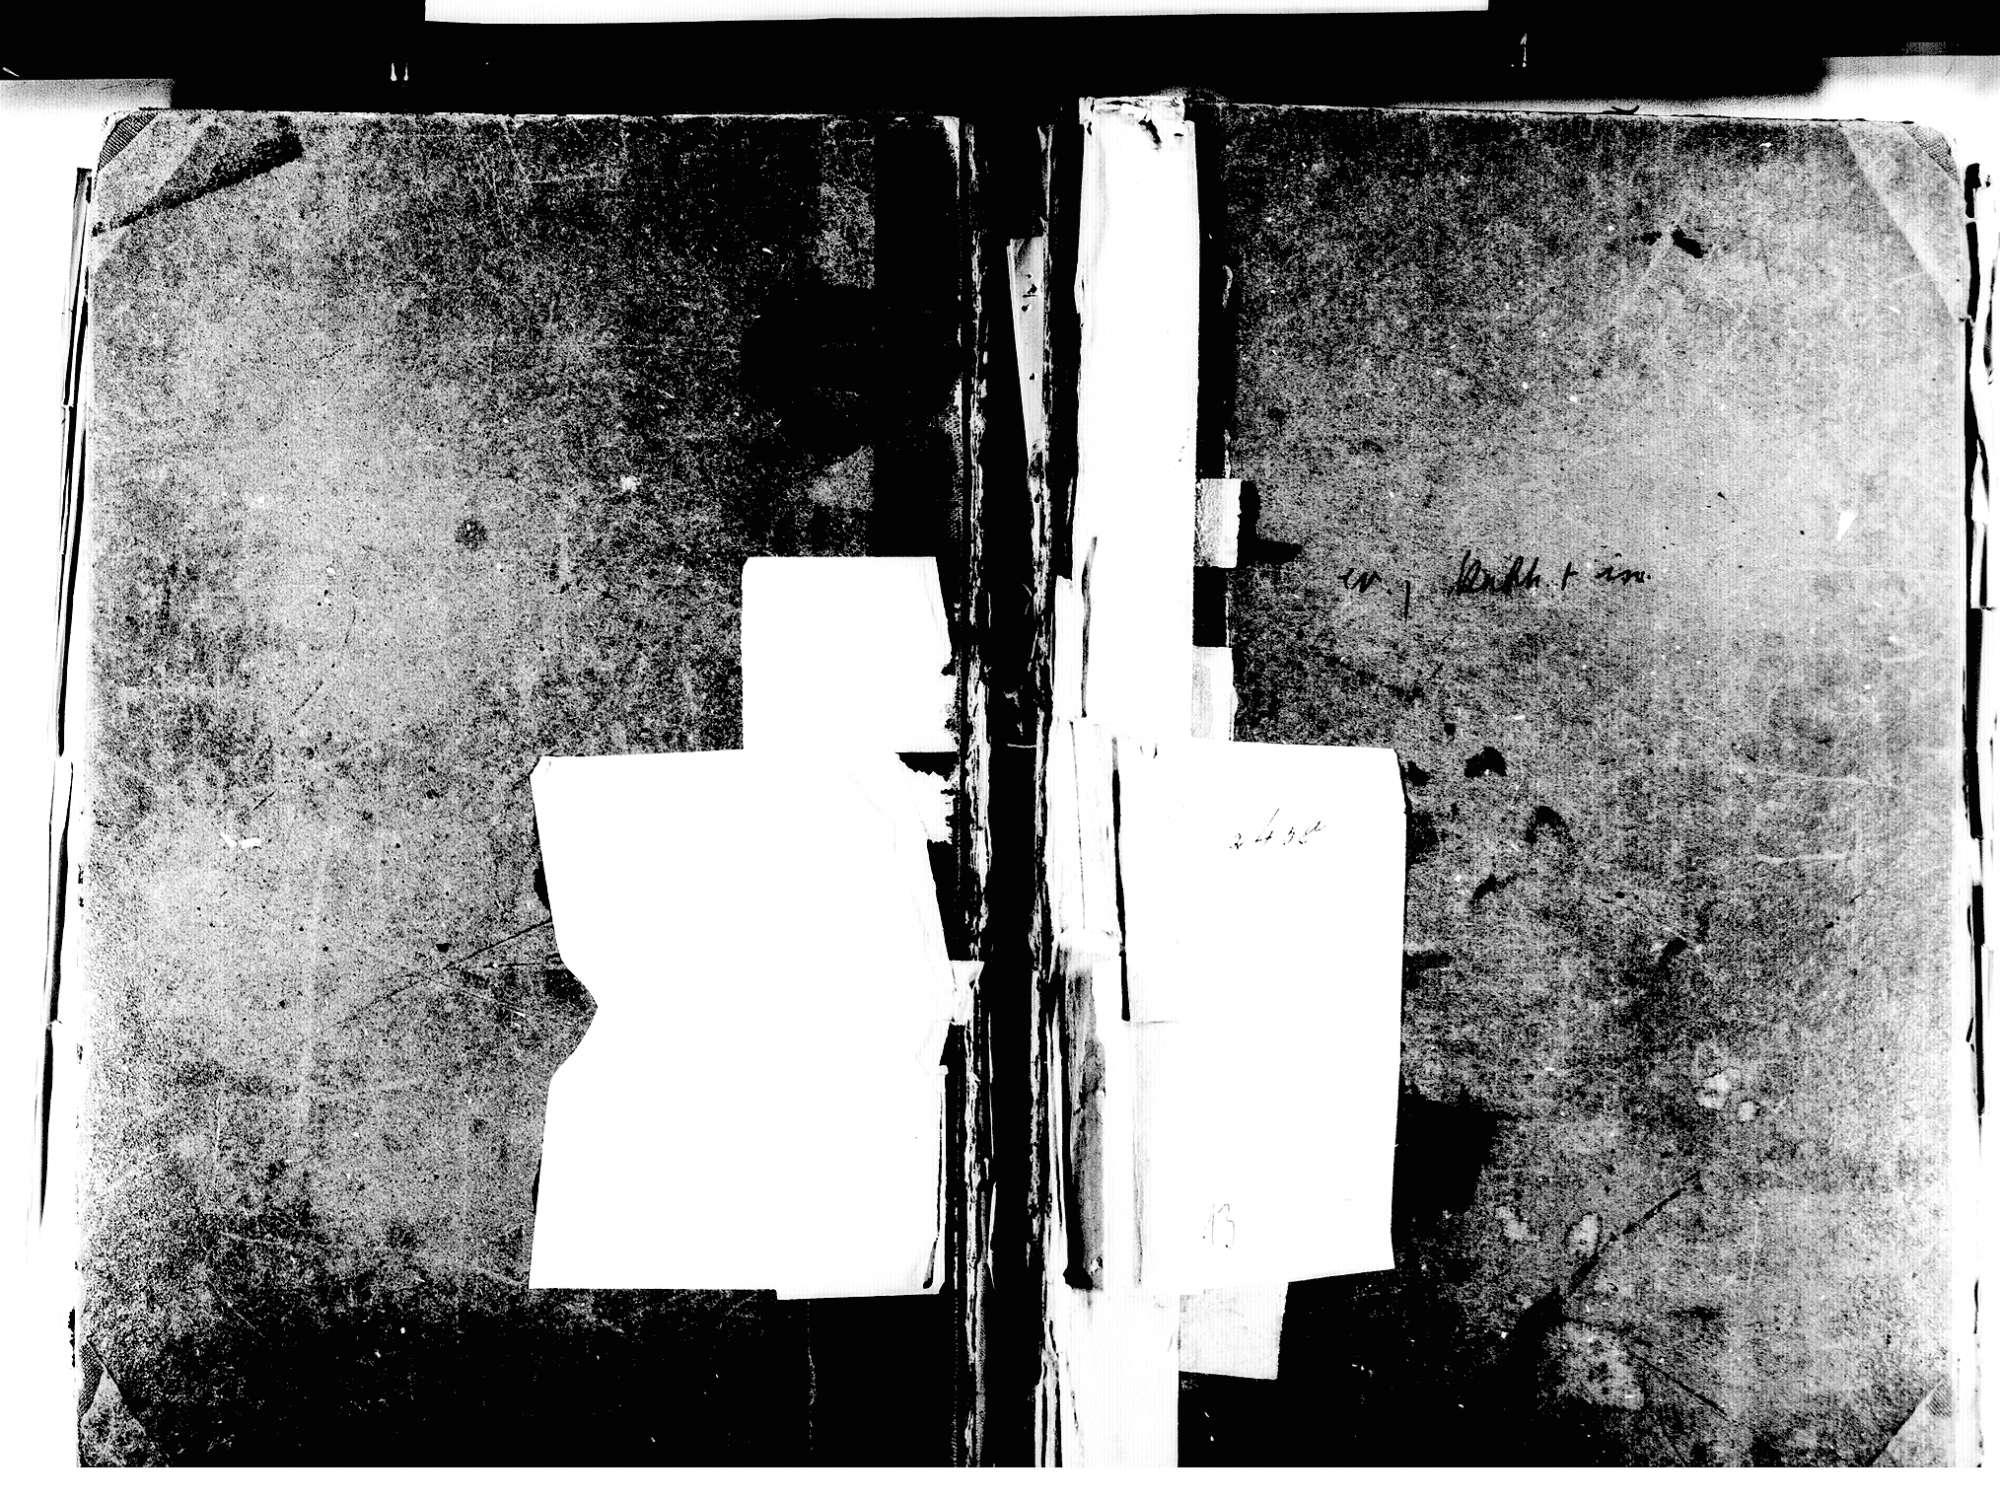 Friesenheim OG; Evangelische Gemeinde: Standesbuch 1846-1855 Friesenheim OG; Katholische Gemeinde: Standesbuch 1846-1855 Friesenheim OG; Israelitische Gemeinde: Standesbuch 1846-1855, Bild 1